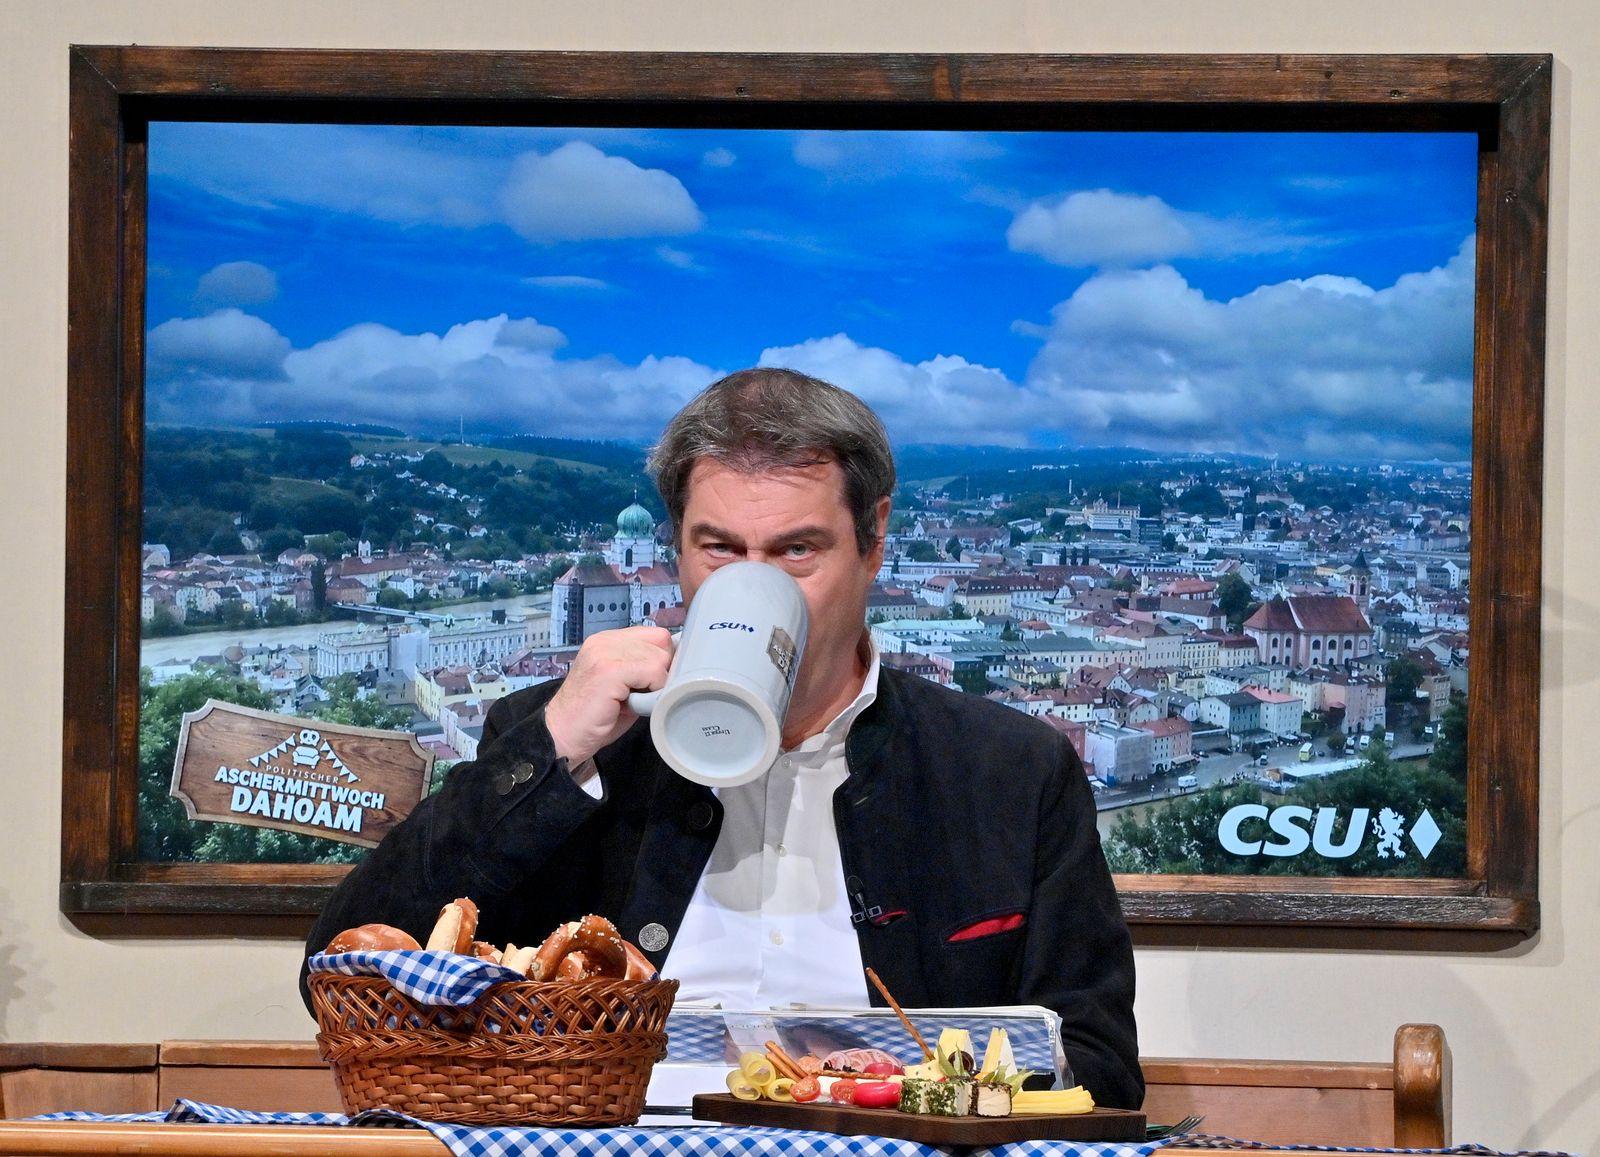 Politischer Aschermittwoch in Bayern - CSU